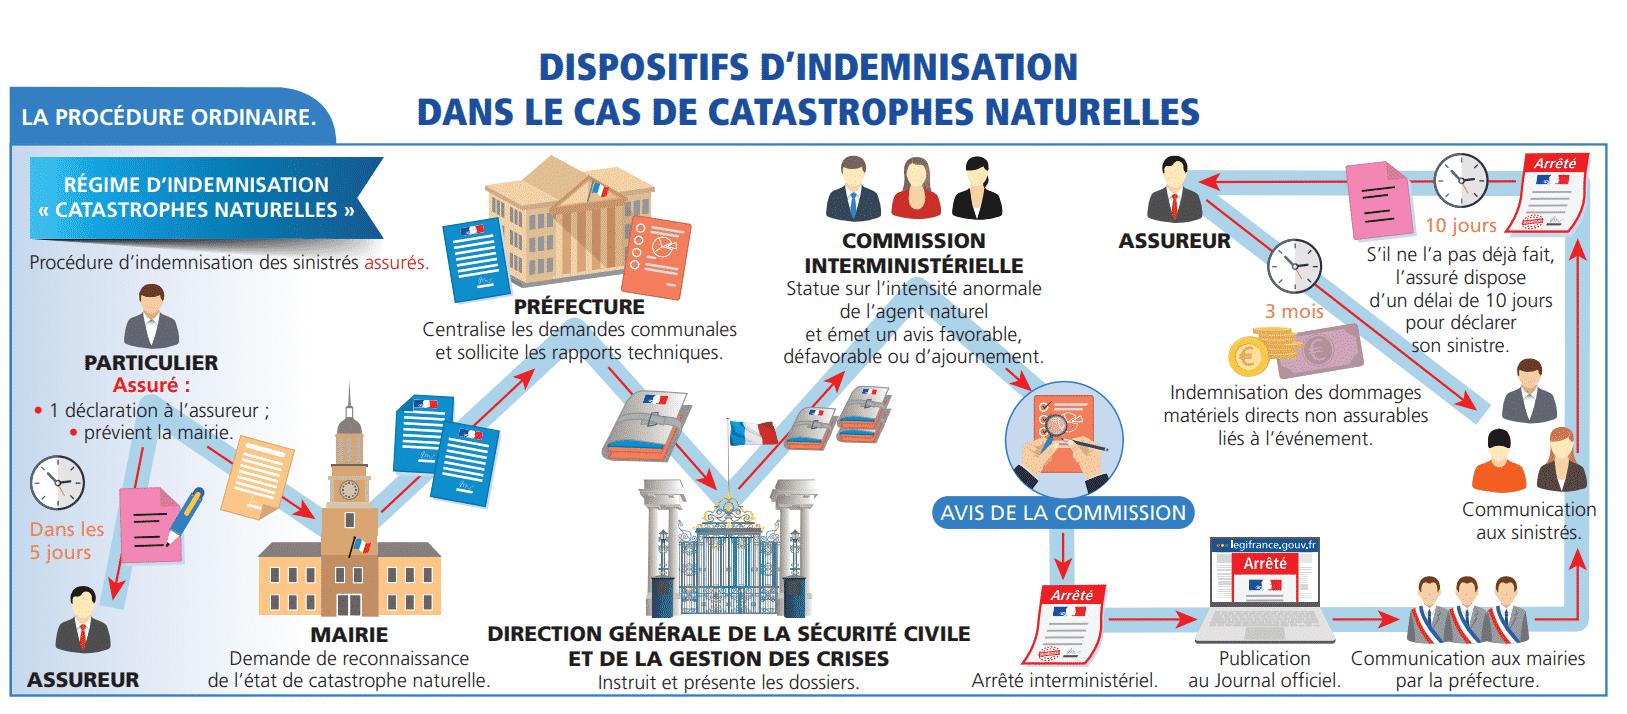 Le dispositif d'indemnisation de catastrophe naturelle. © Ministère de l'Intérieur.